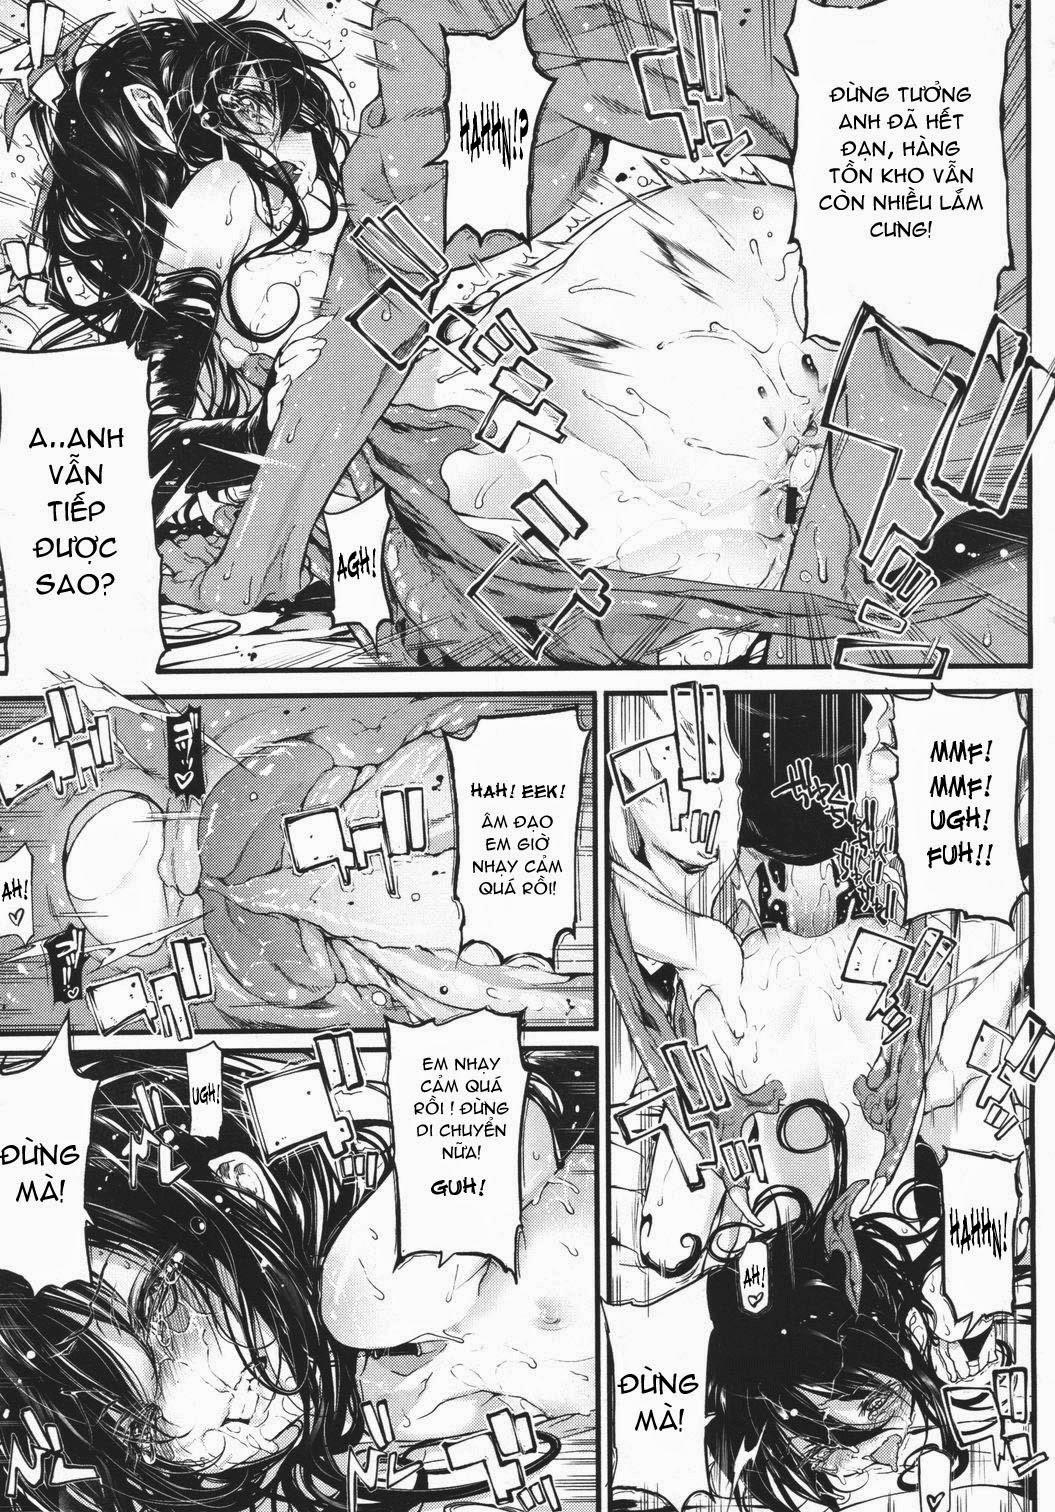 Hình ảnh hentai_manga_hakihome.com_undead%2Bprincess_019 trong bài viết Nữ hoàng loli